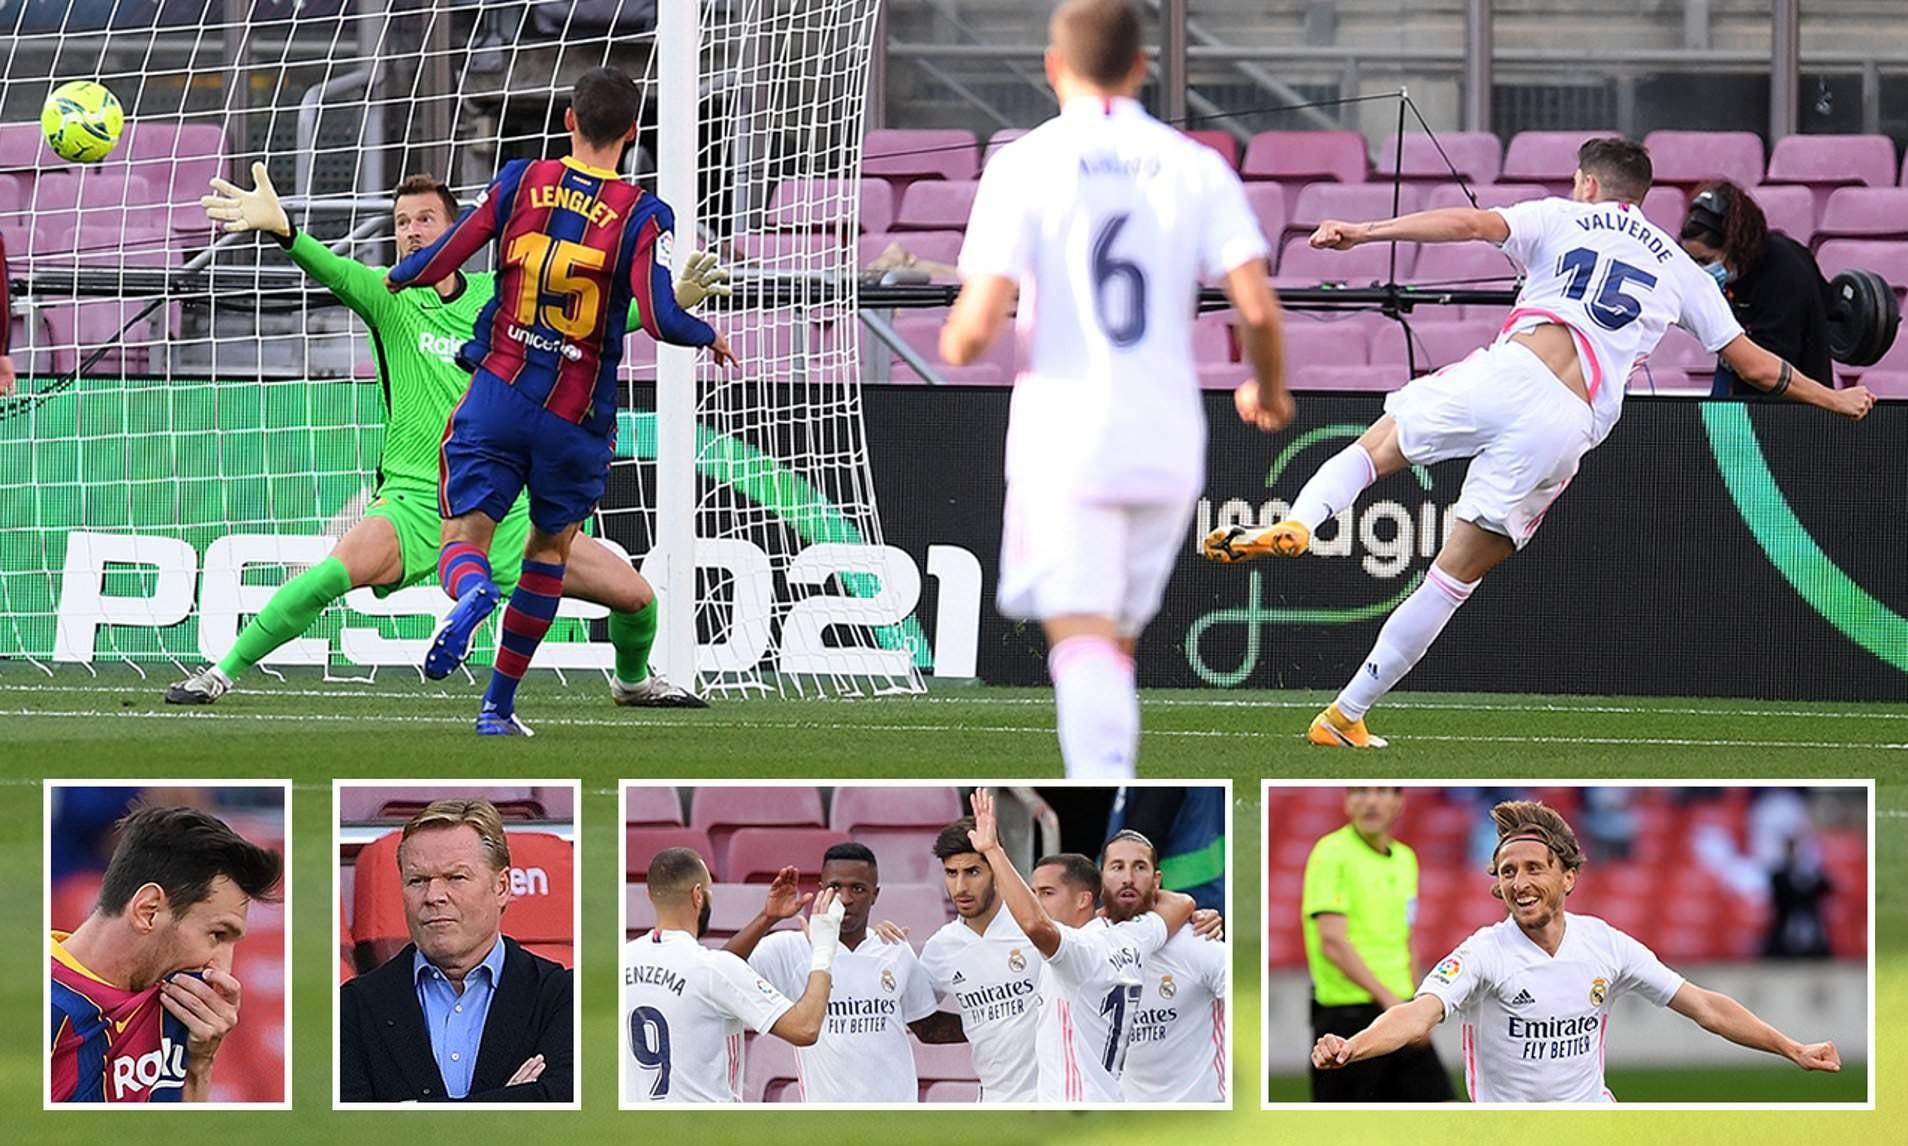 Los récords y registros que dejó Ansu Fati y el Real Madrid